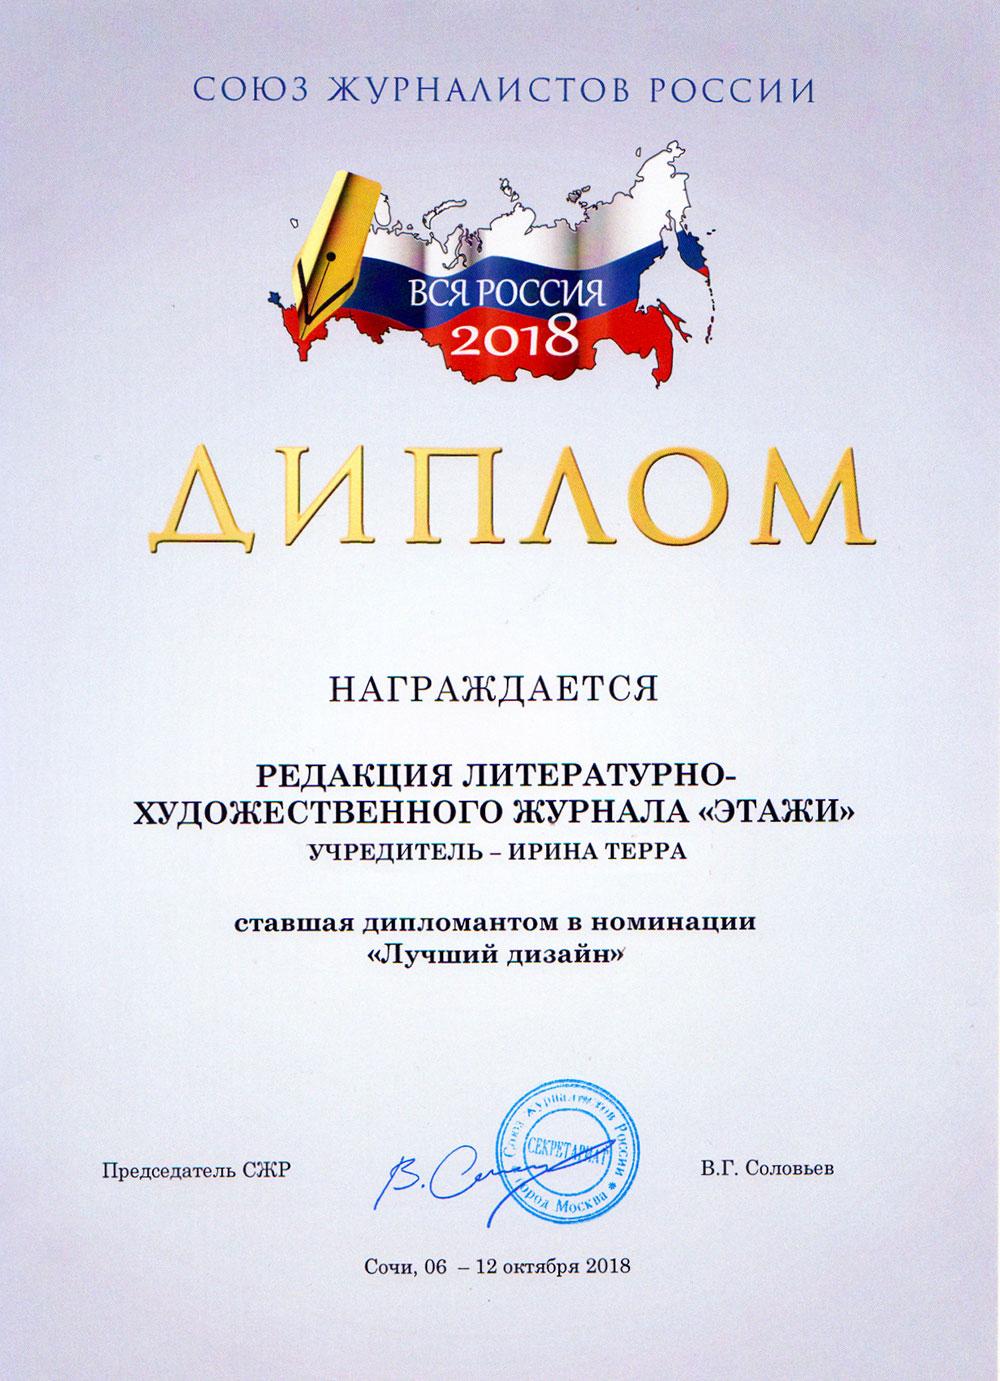 Диплом за Лучший дизайн